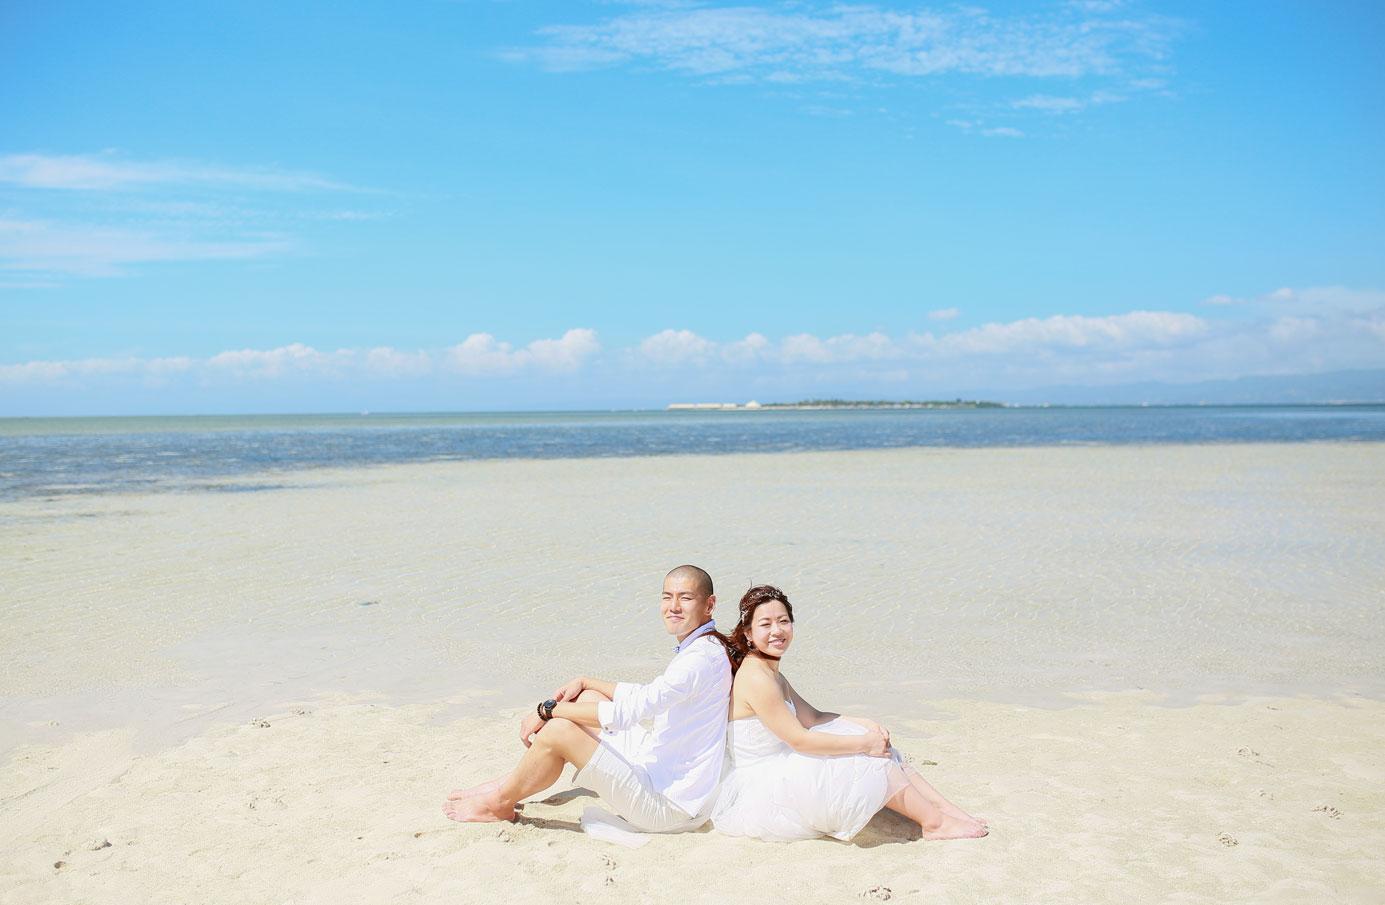 セブカオハガン島撮影 セブフォトウエディング セブビーチフォト